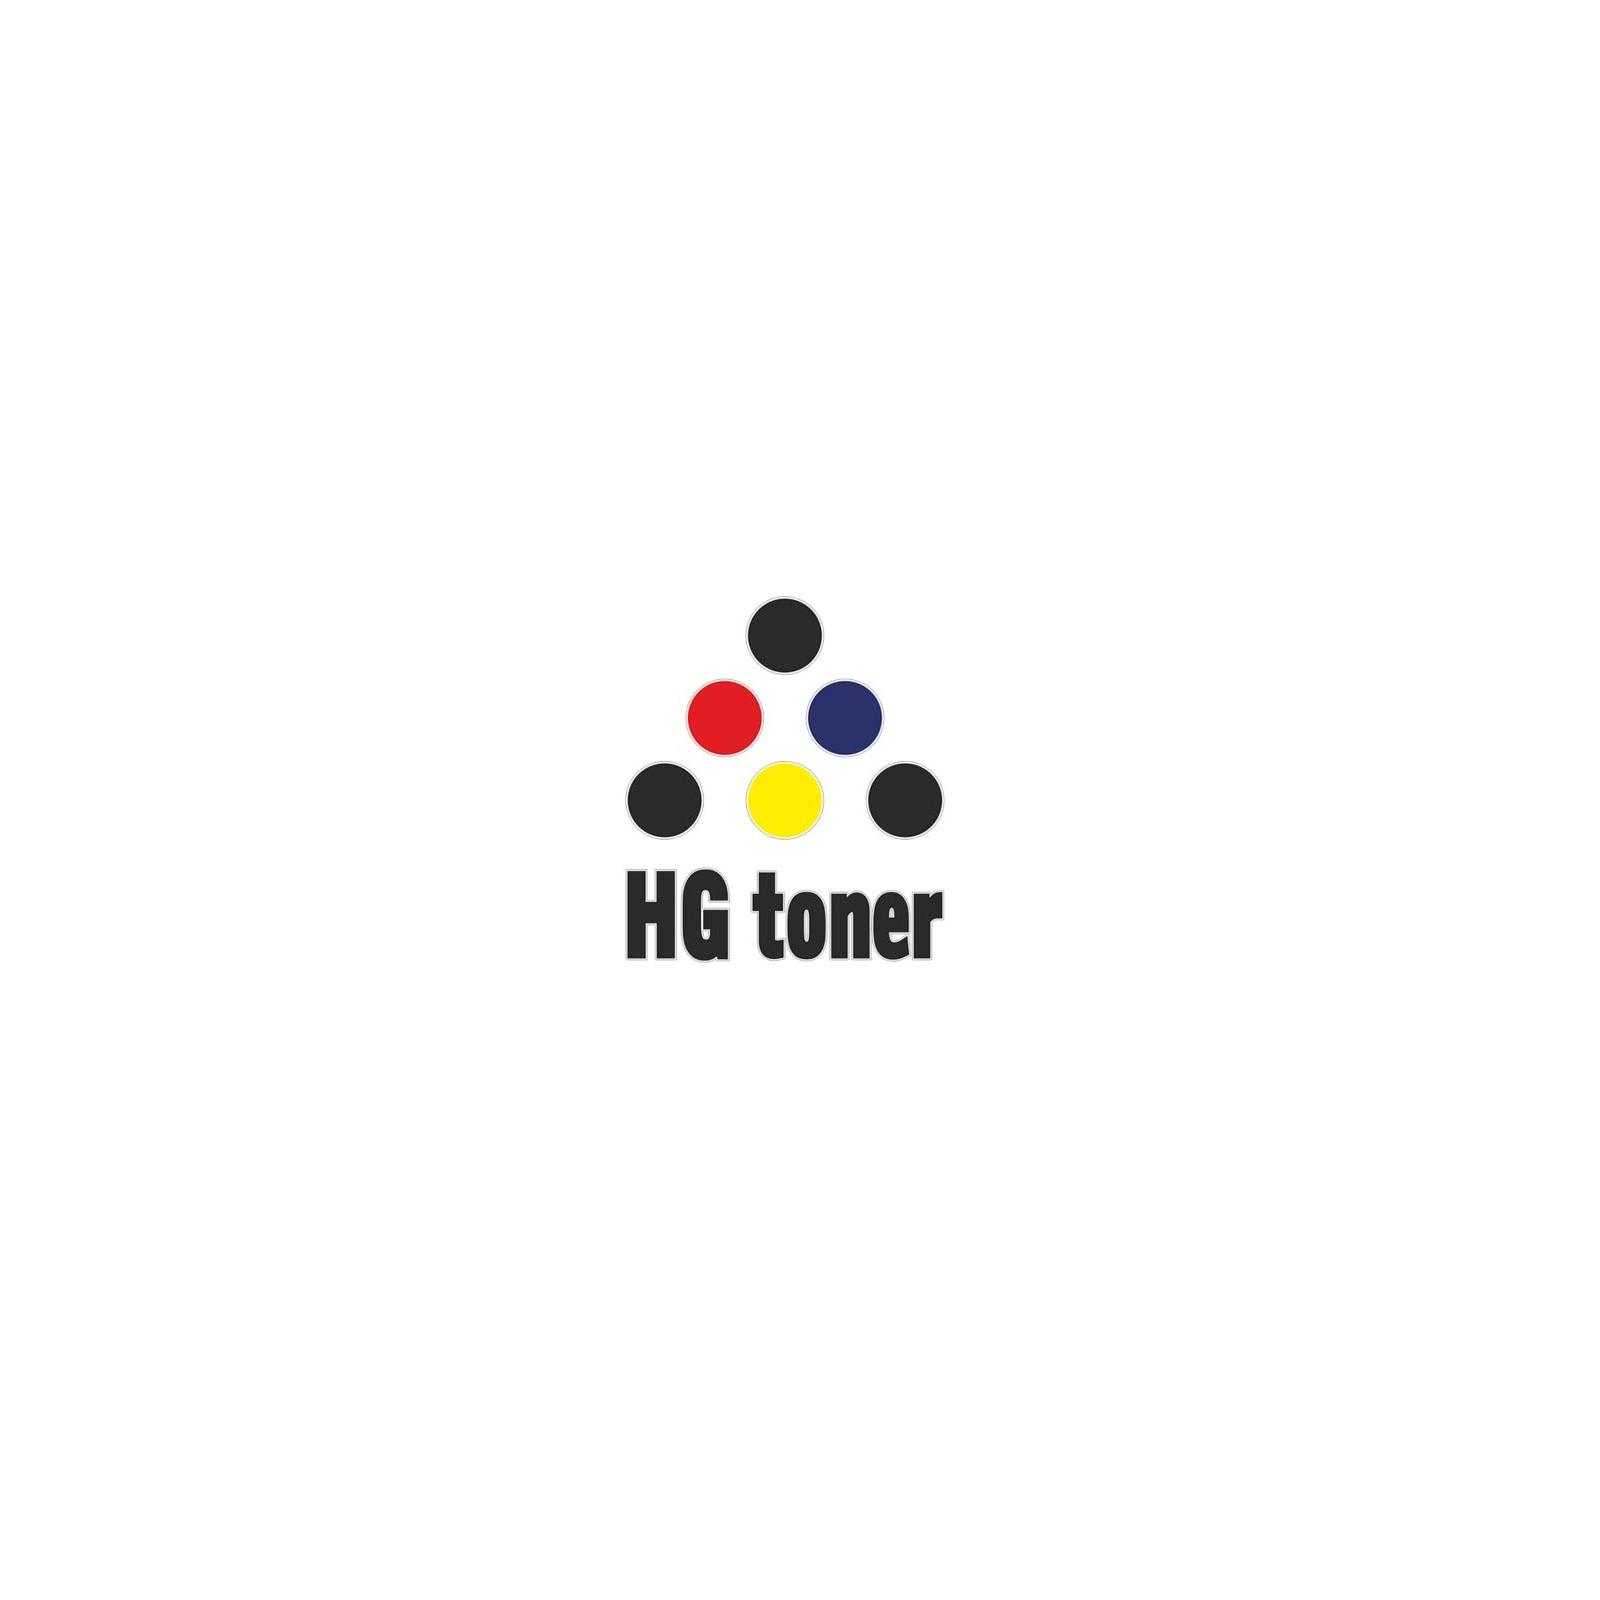 Тонер SAMSUNG ML-1710/1610/1660/1910 Universal 160г HG (TSM-HG192-160)